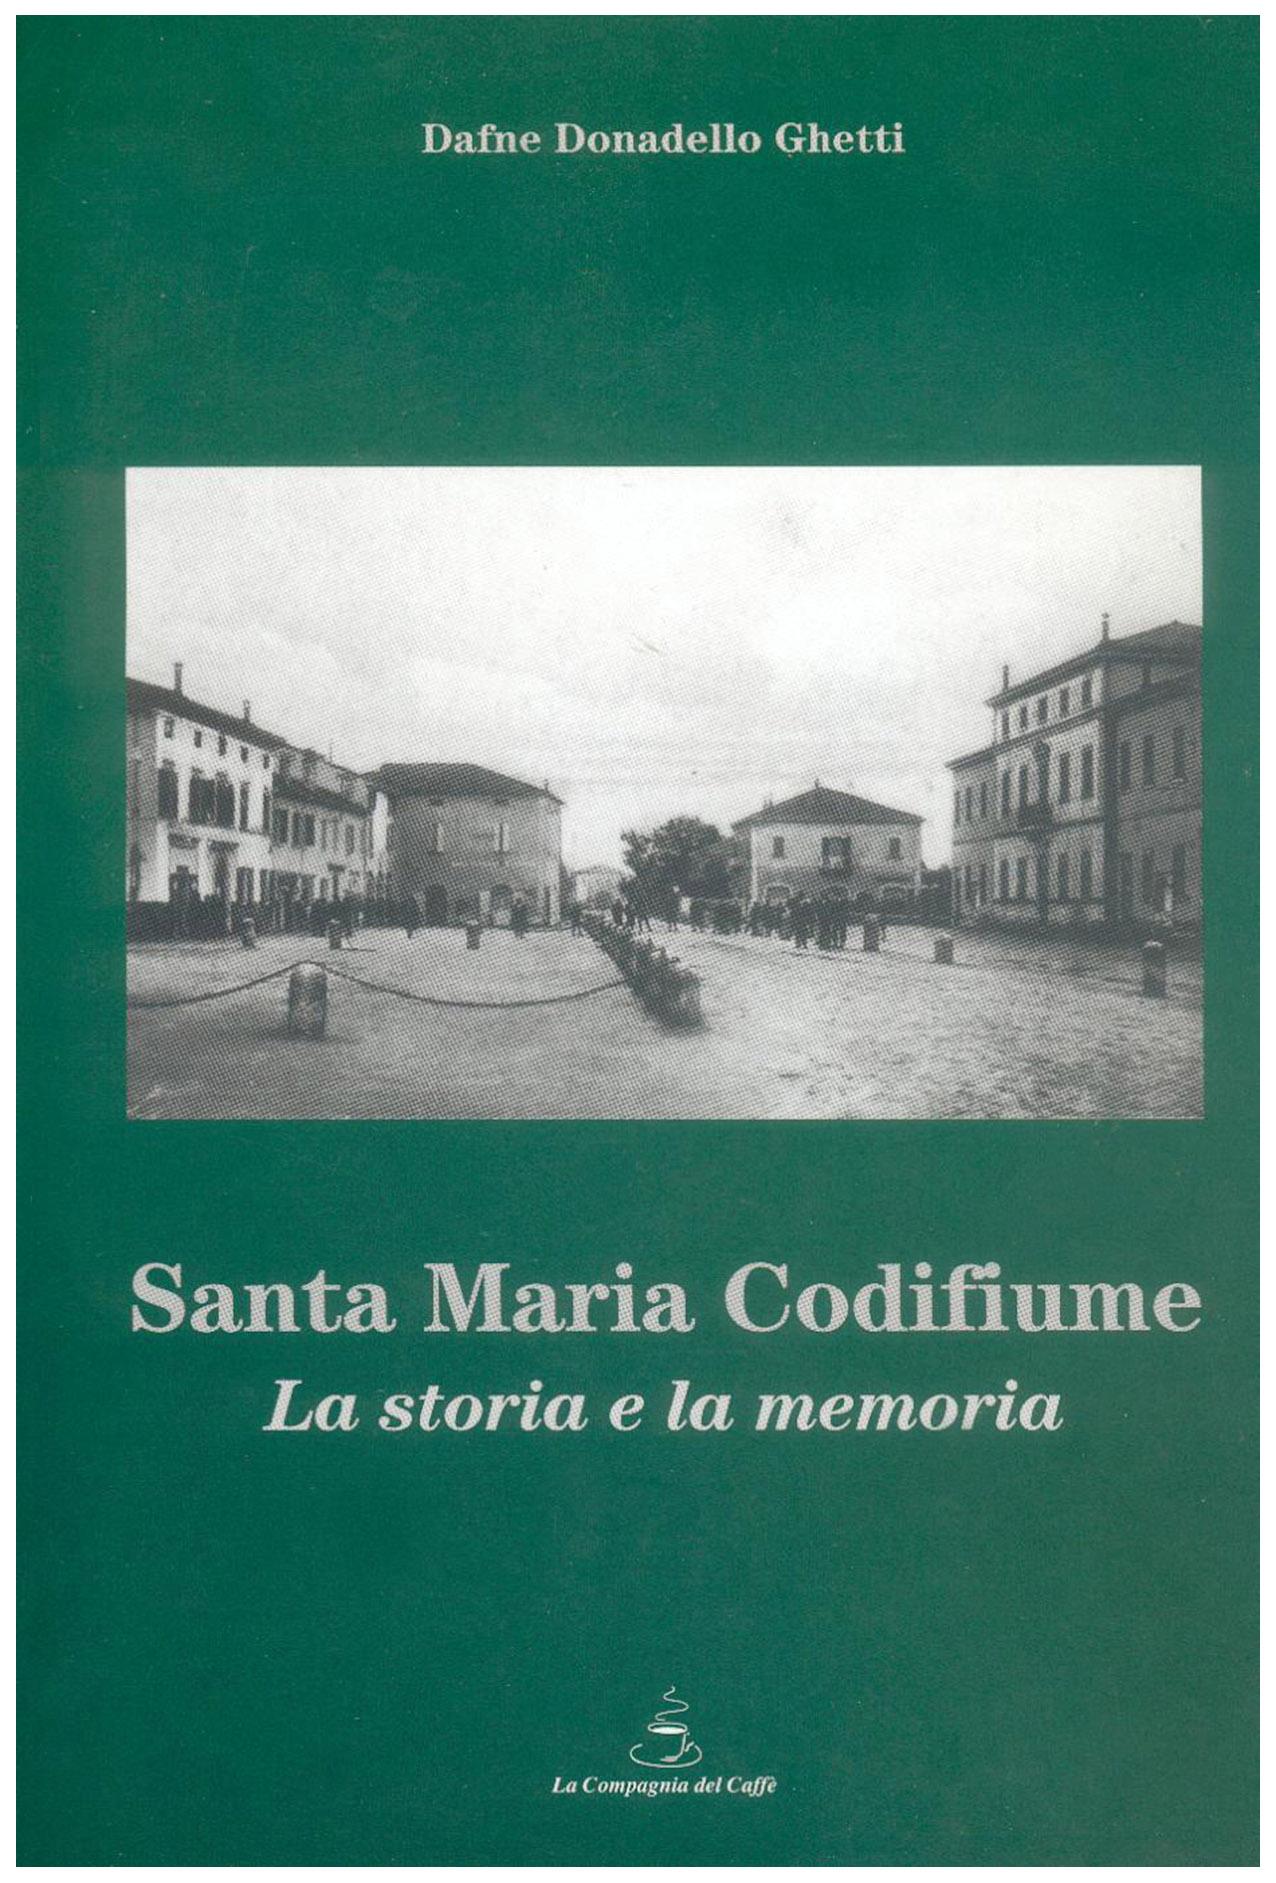 Santa Maria Codifiume. La storia e la memoria